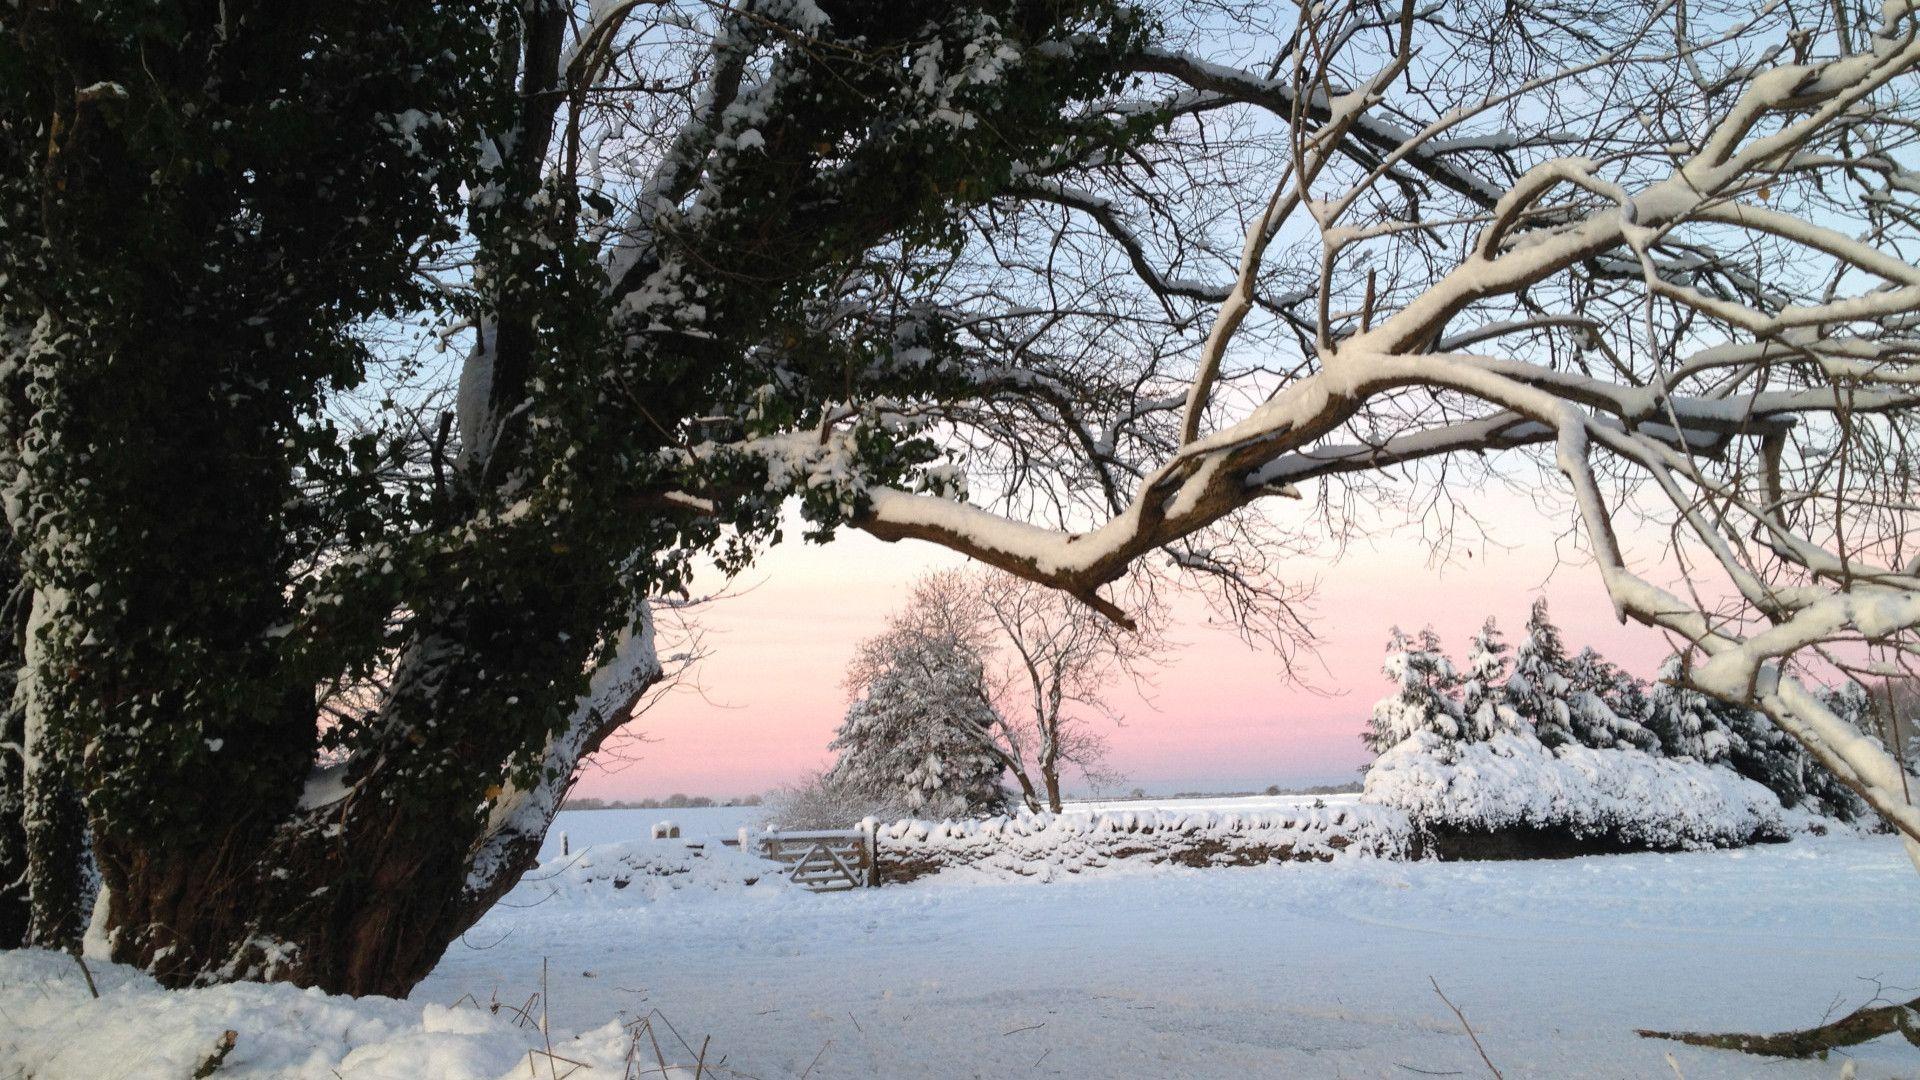 A snowy scene, Hayloft at Walnut Farm, Bolthole Retreats